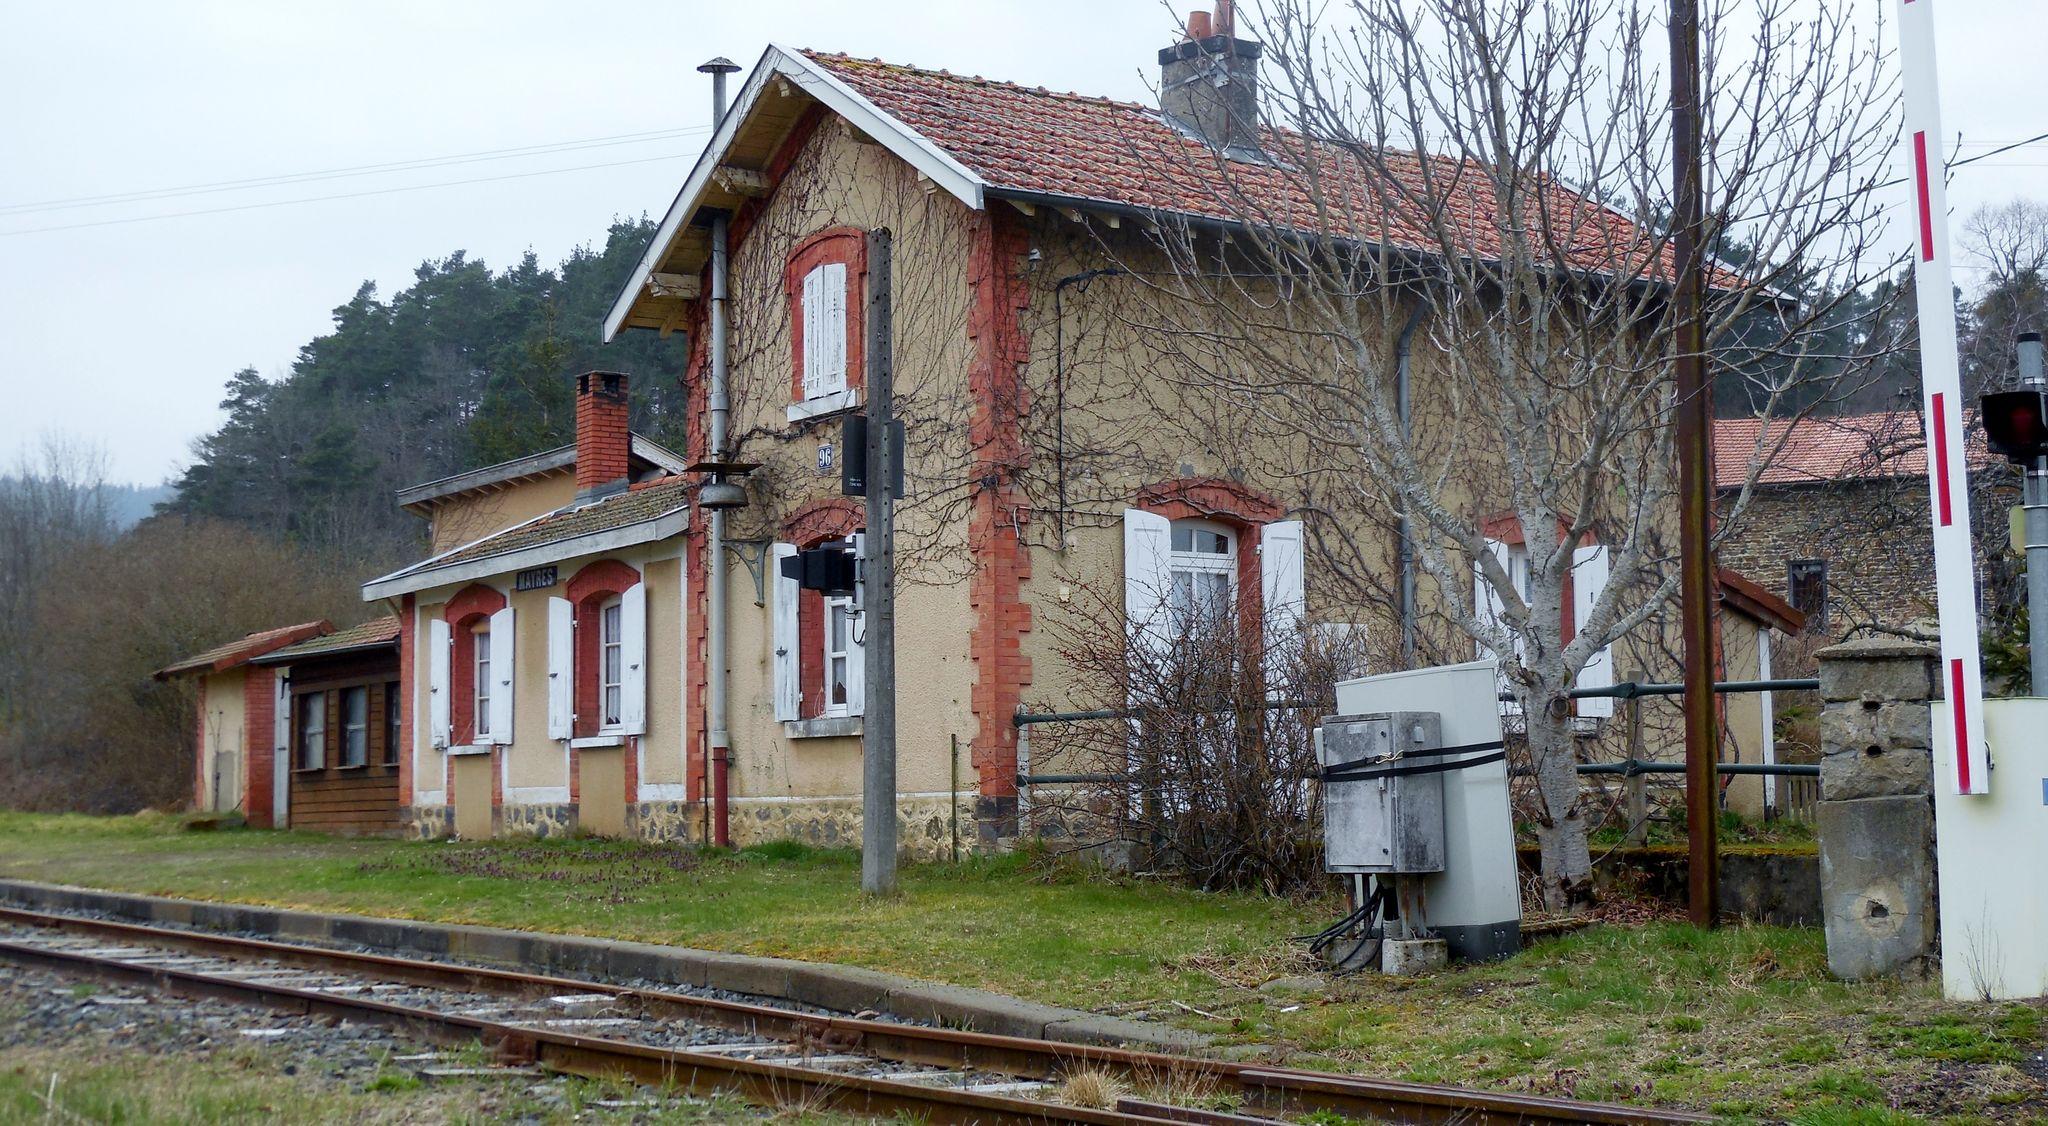 Mayres (Puy-de-Dôme)